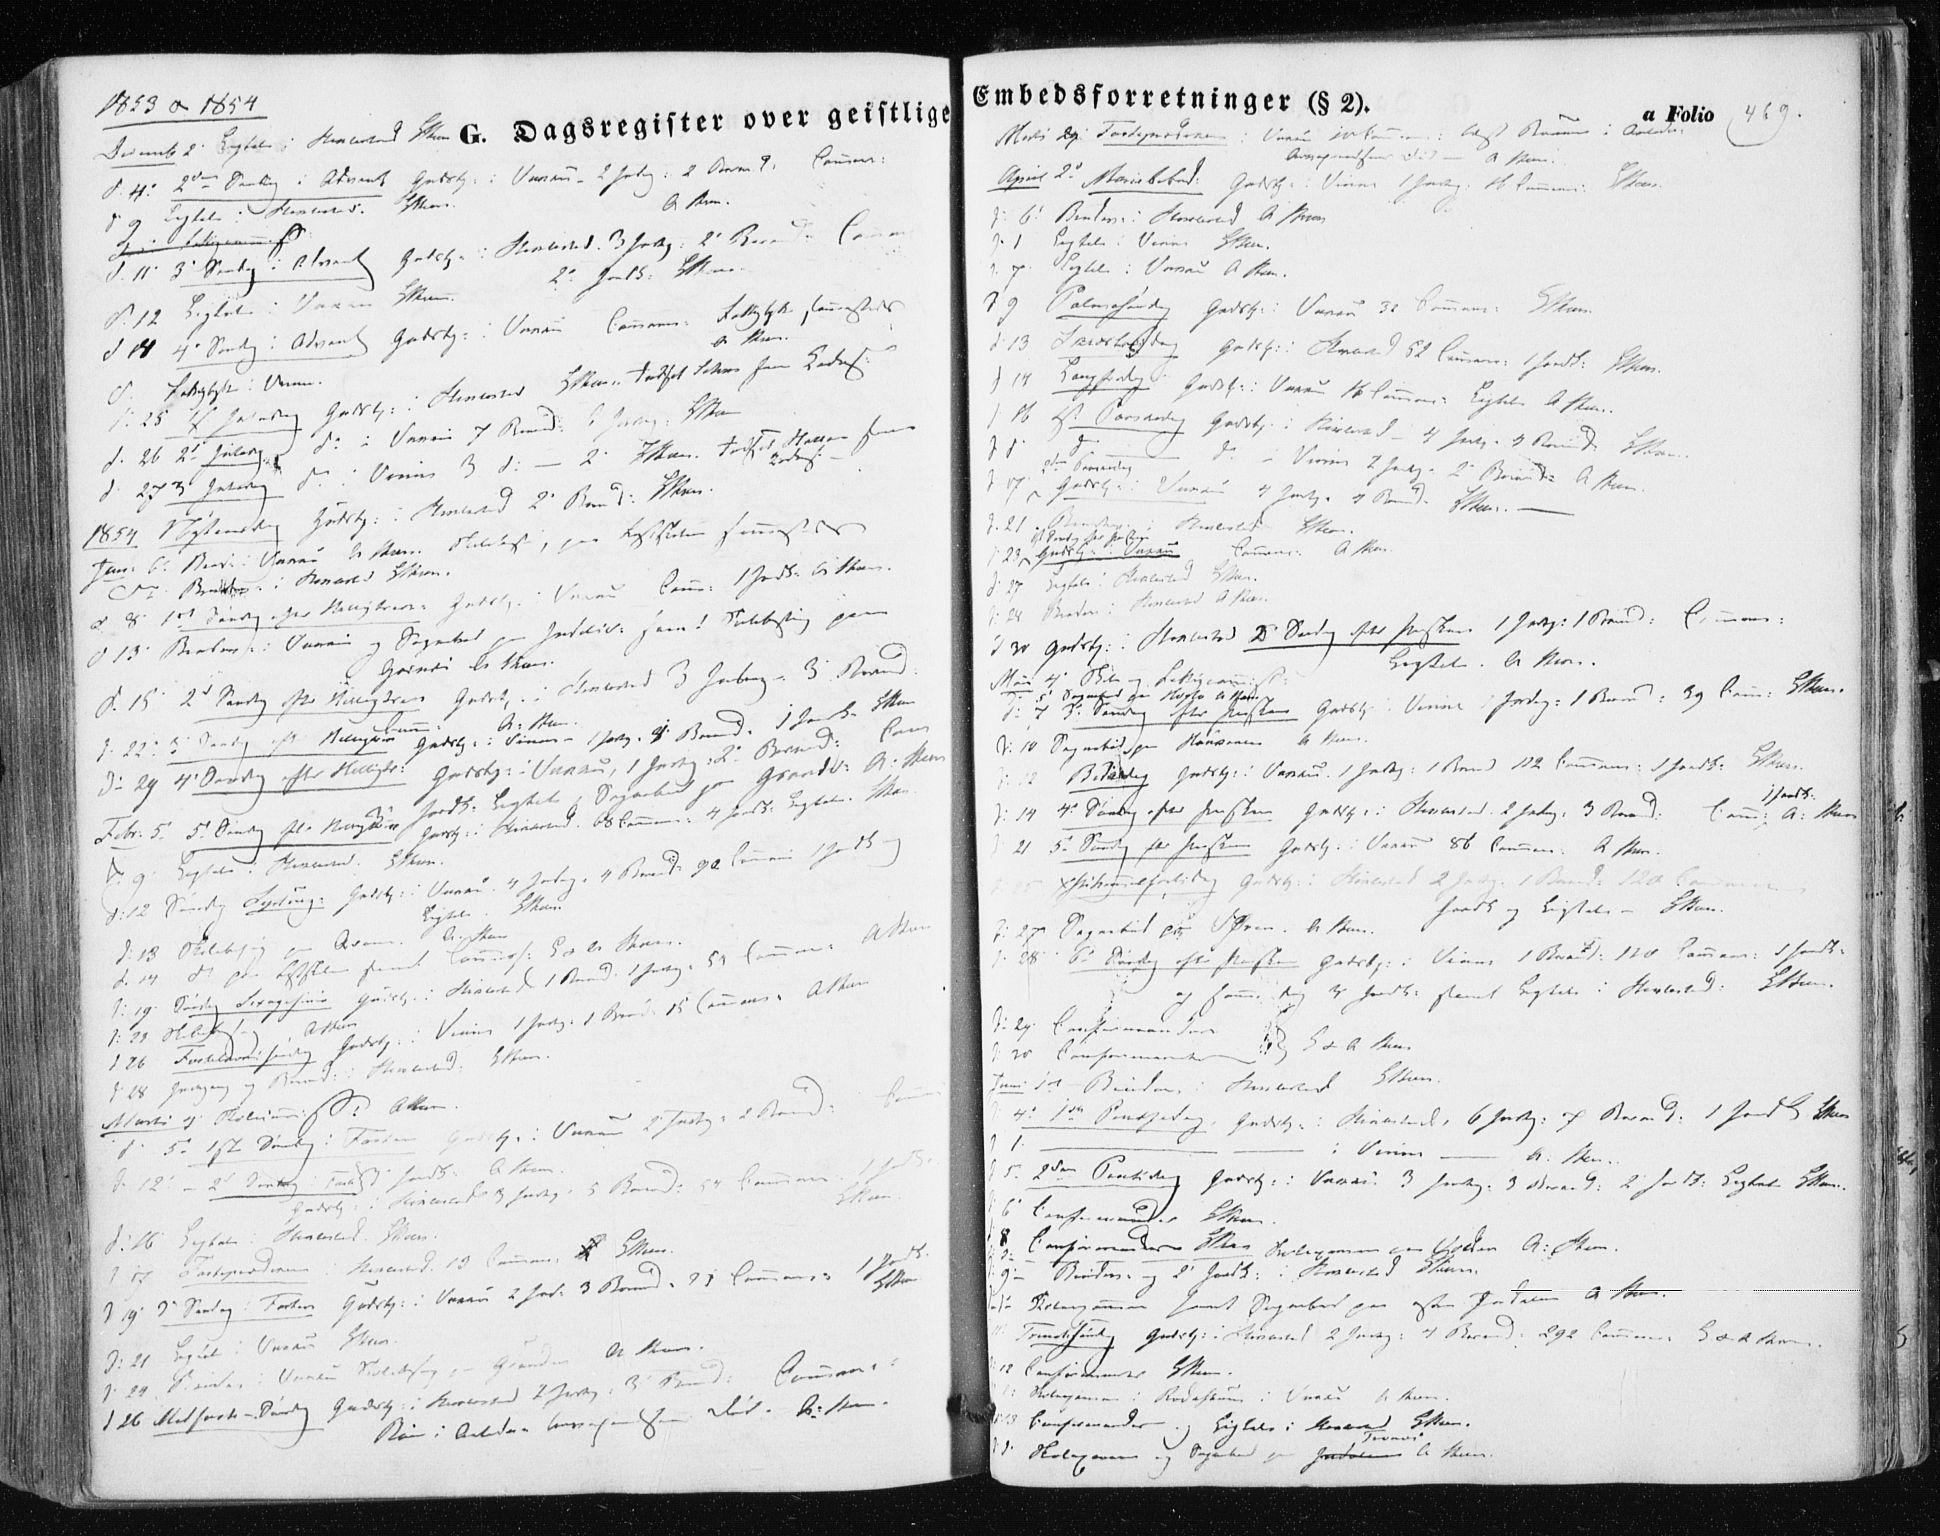 SAT, Ministerialprotokoller, klokkerbøker og fødselsregistre - Nord-Trøndelag, 723/L0240: Ministerialbok nr. 723A09, 1852-1860, s. 469